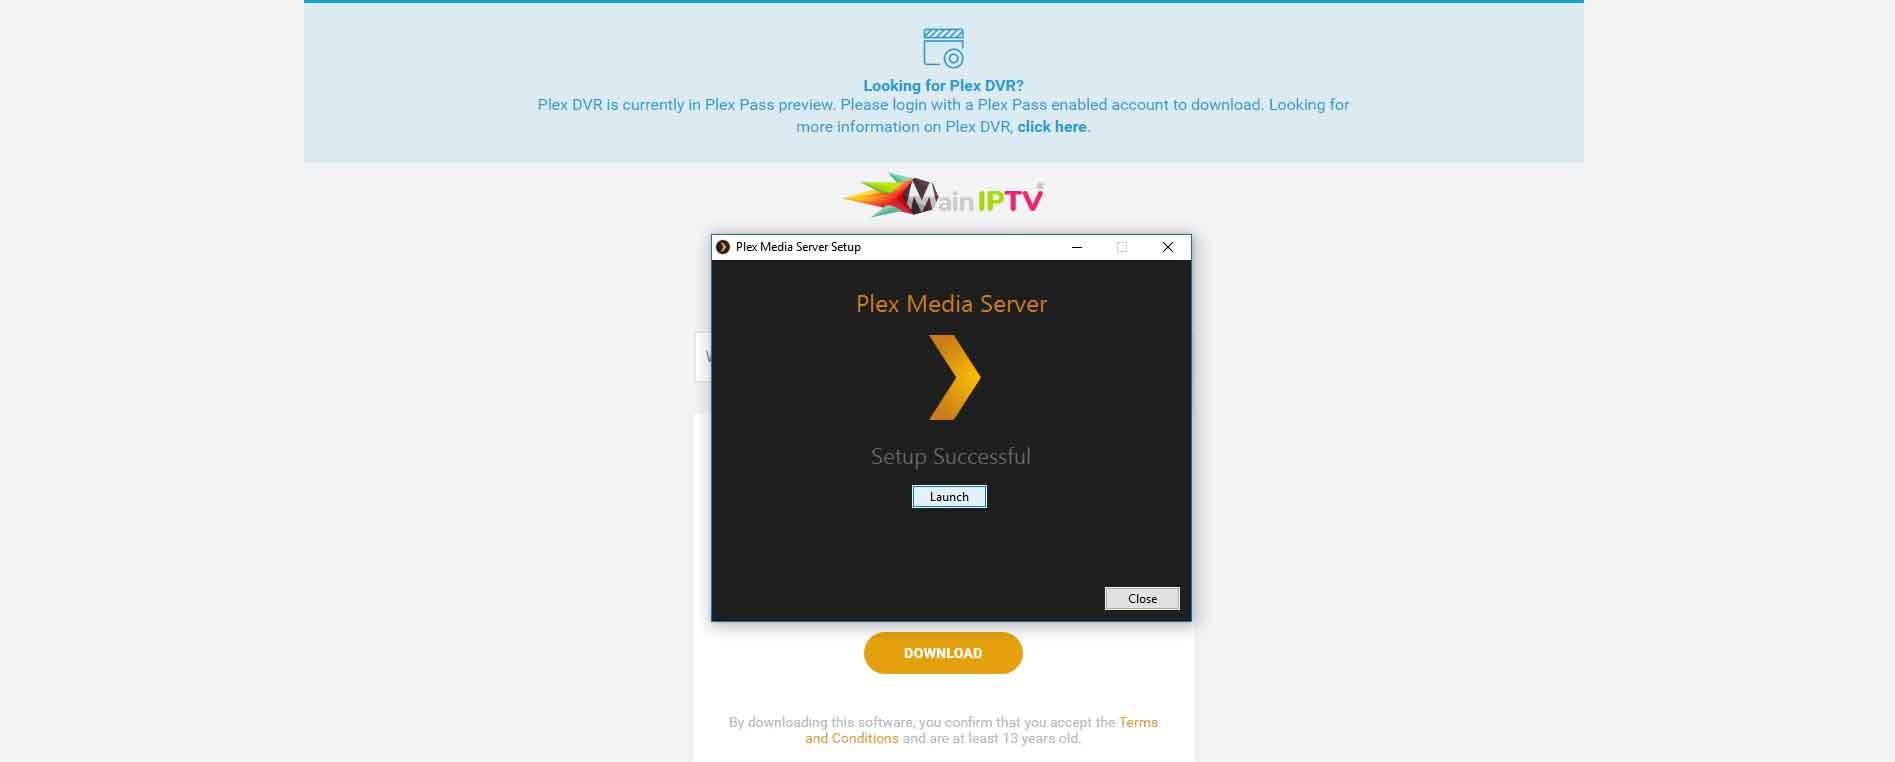 Plex launch page